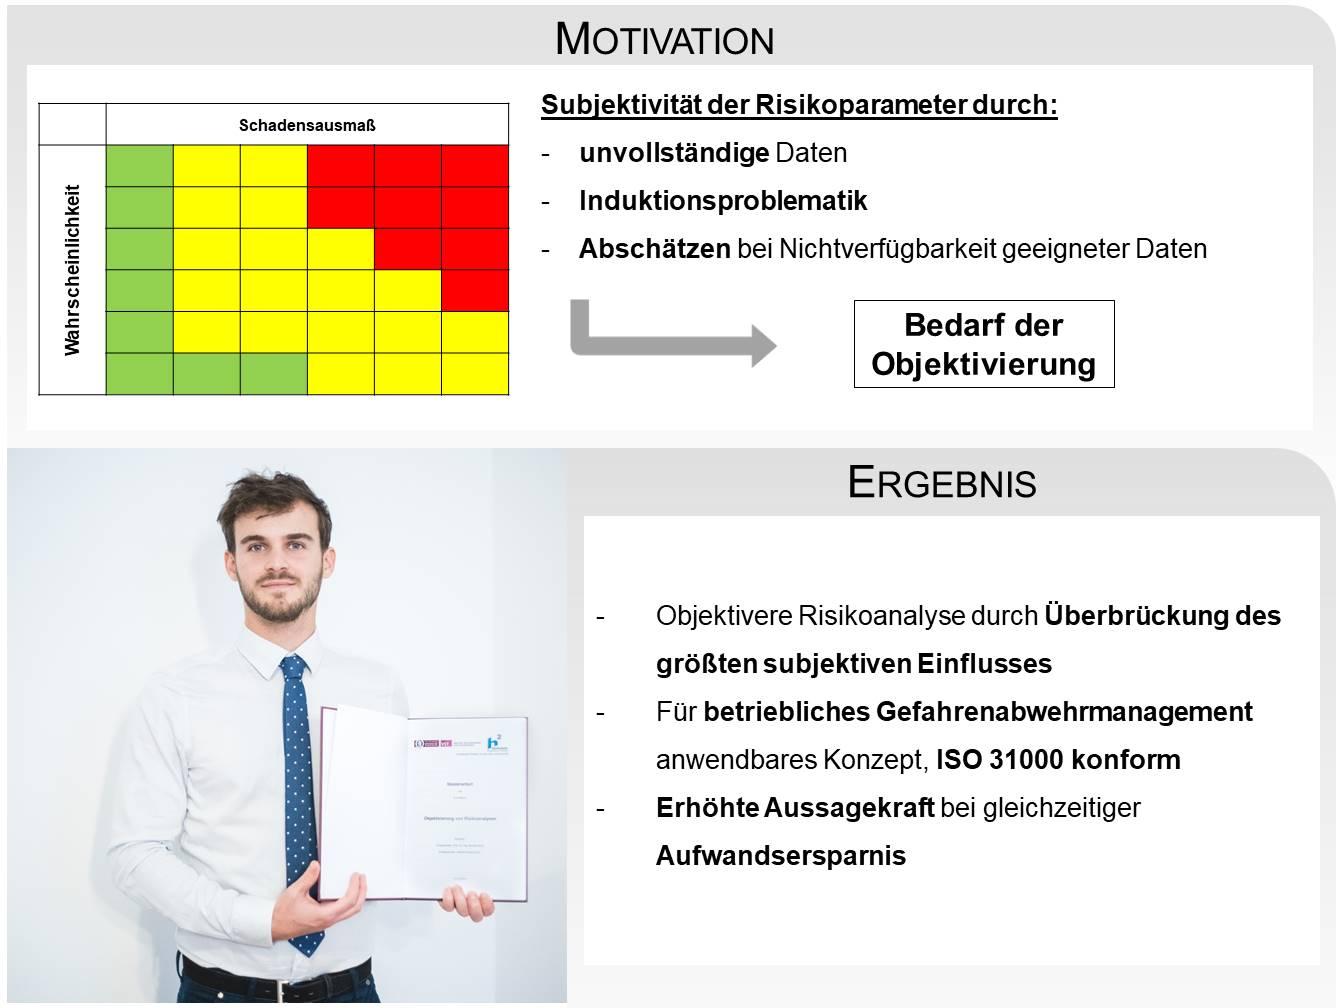 Risikoanalyse Motivationen und Ergebnisse der Arbeit